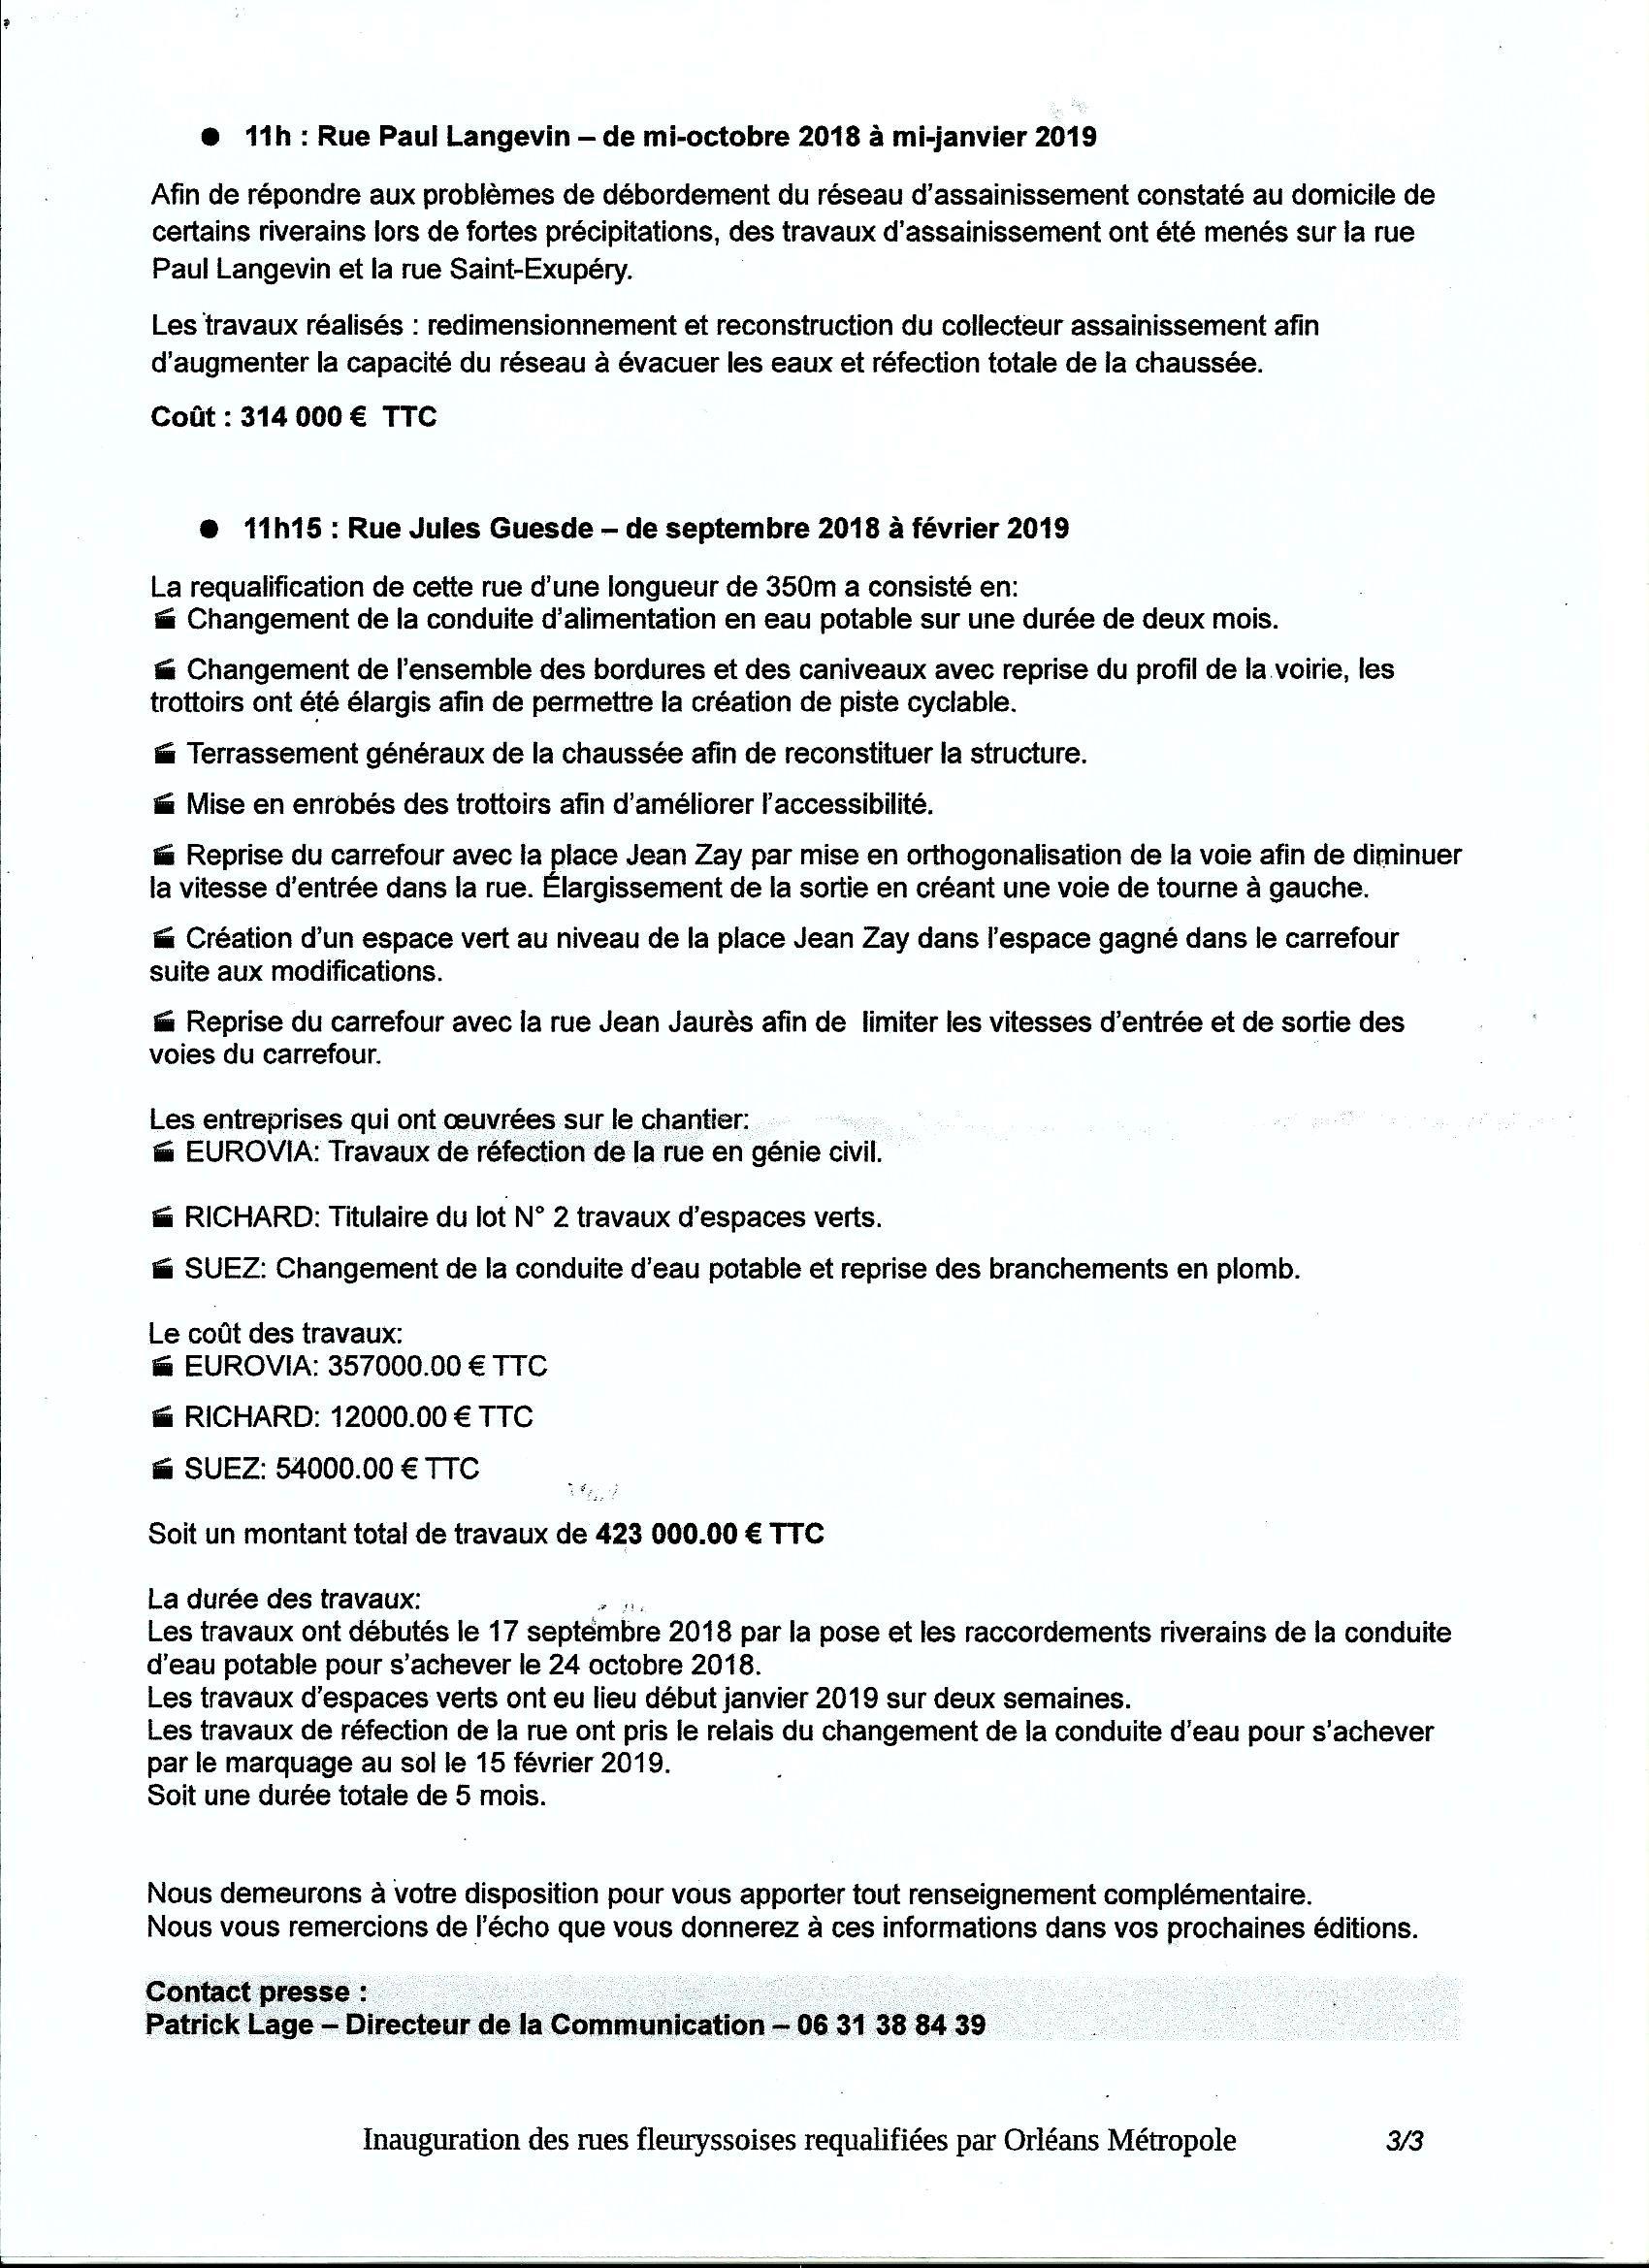 Scan inauguration des rues fleuryssoises requalifiées par Orléa (2).jpg